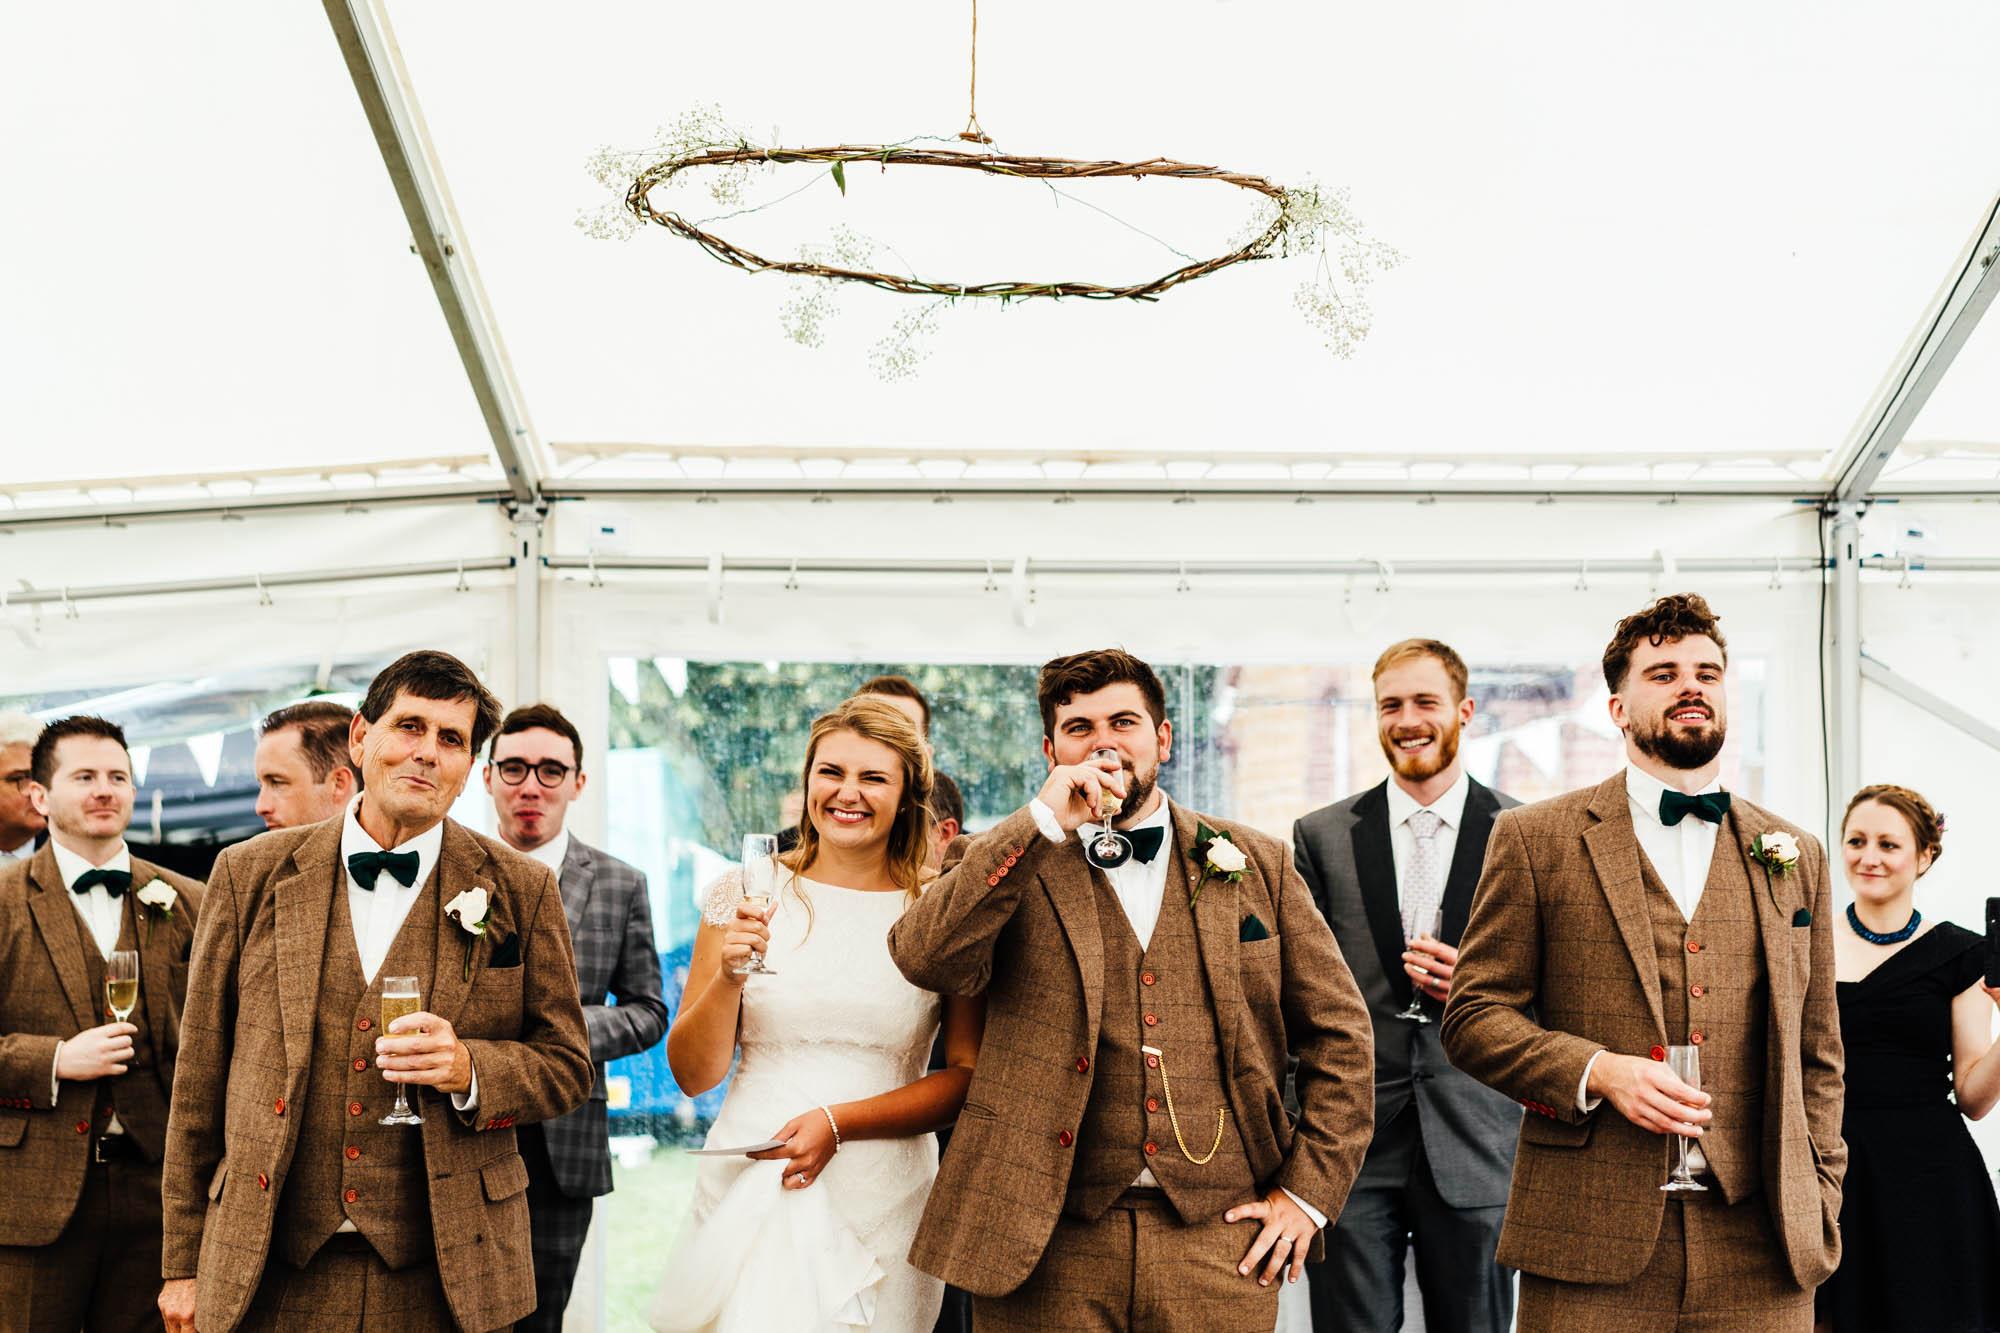 village-fete-wedding-54